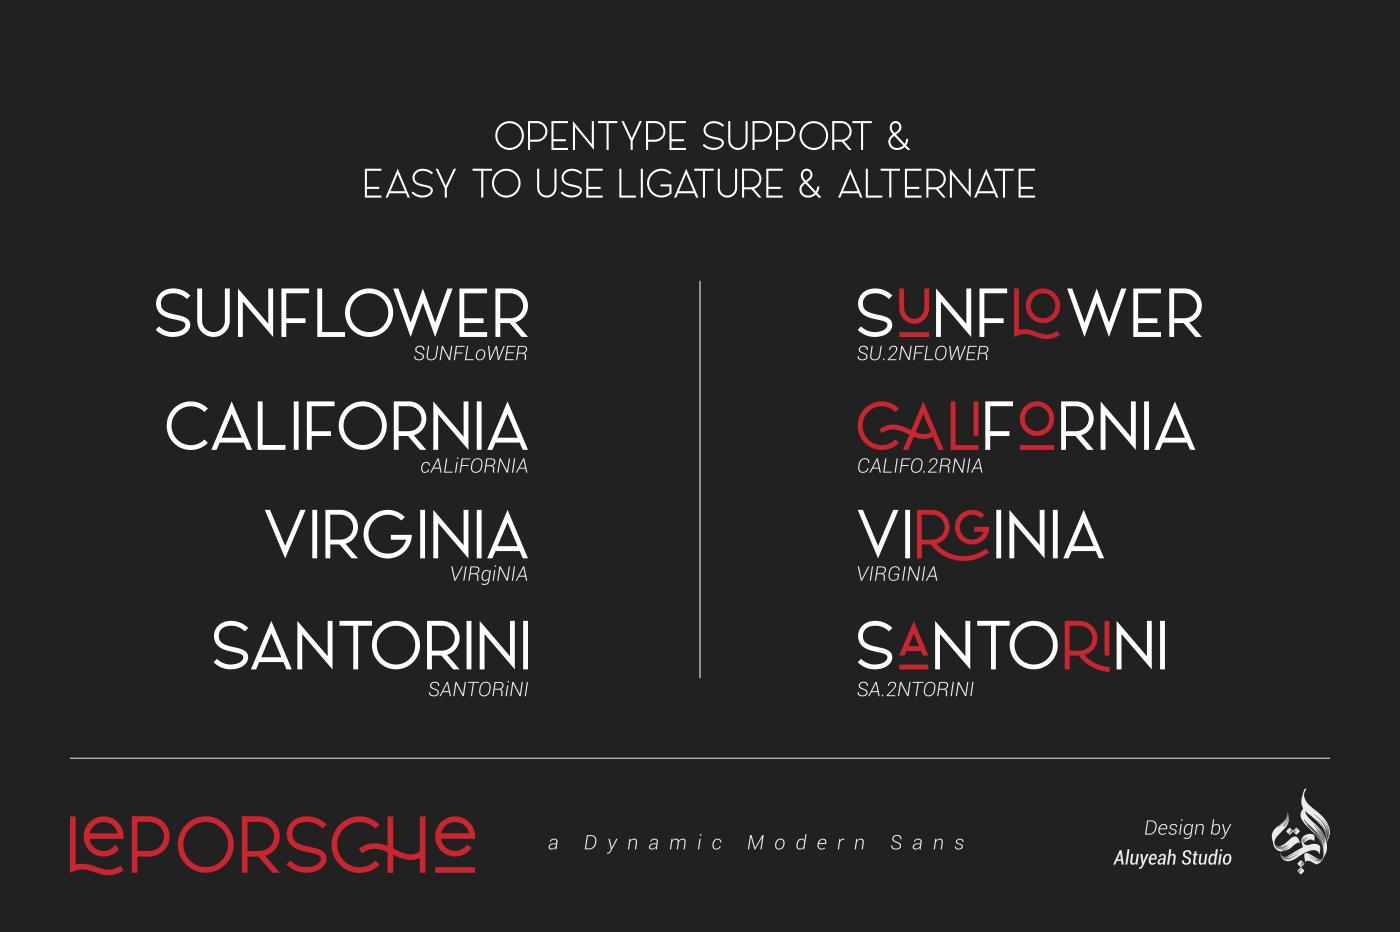 LePORSCHE dynamic modern font